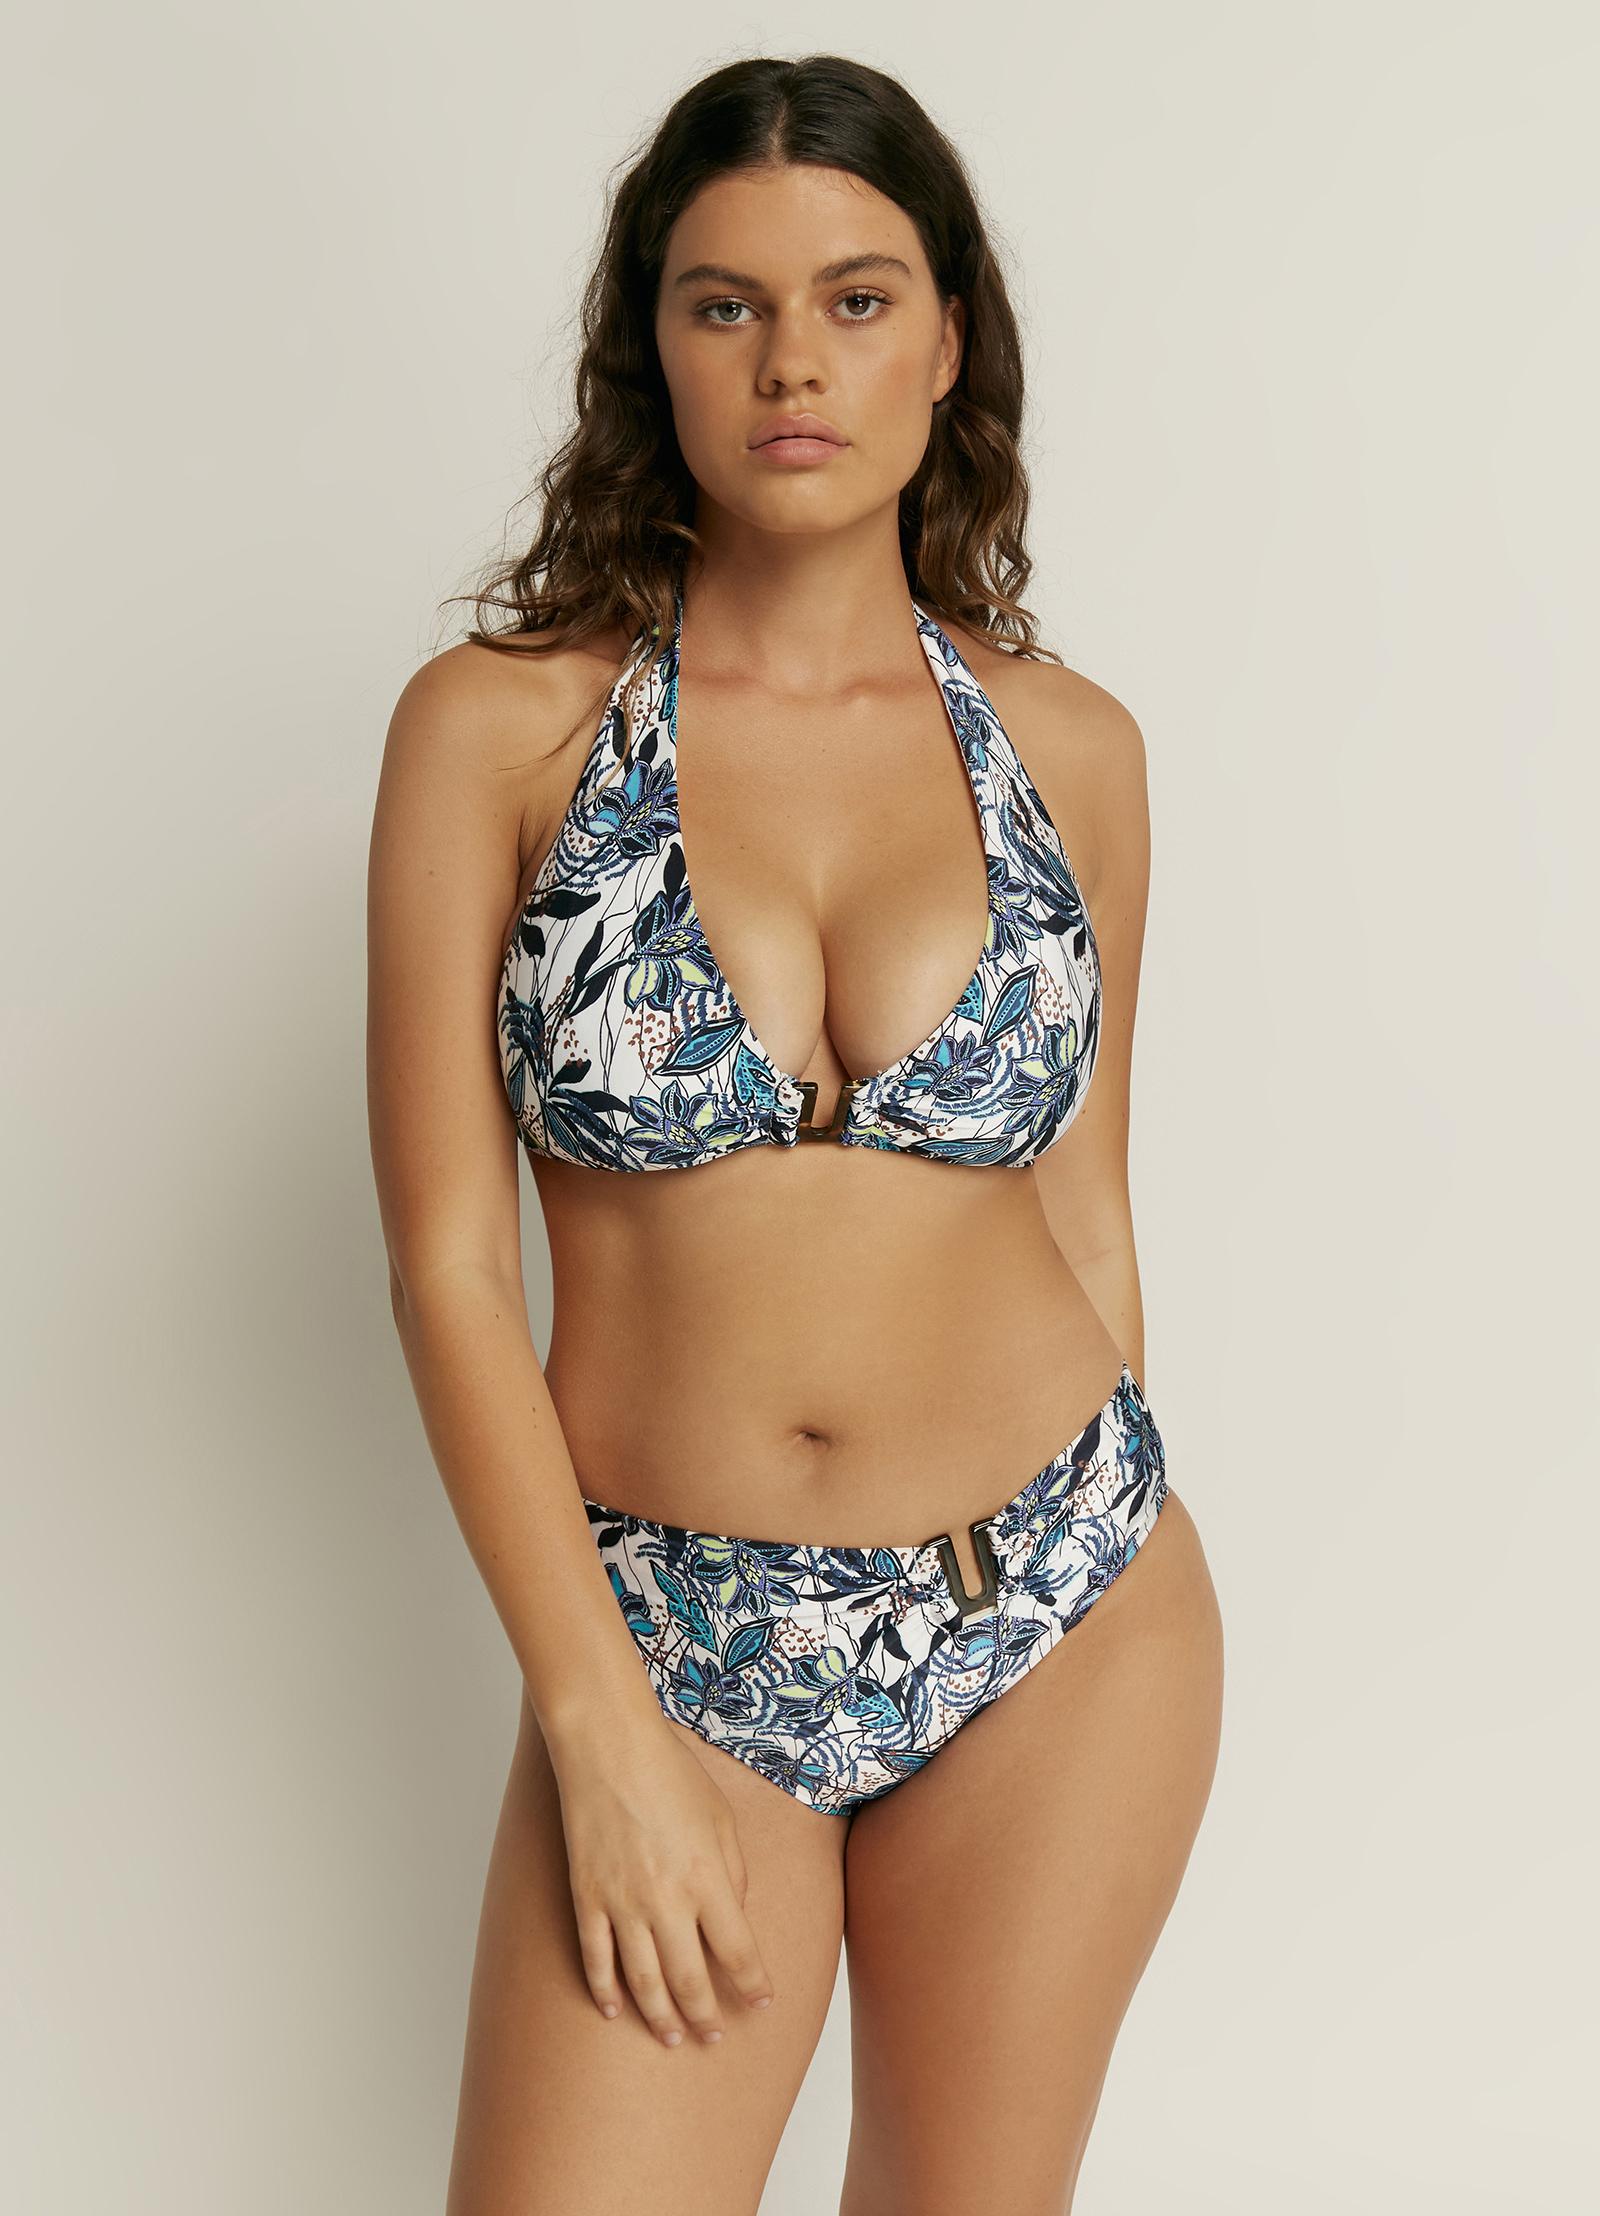 泳衣 比堅尼泳衣顯瘦4大挑選貼士   夏天必備Bikini/連身泳衣品牌推介 S